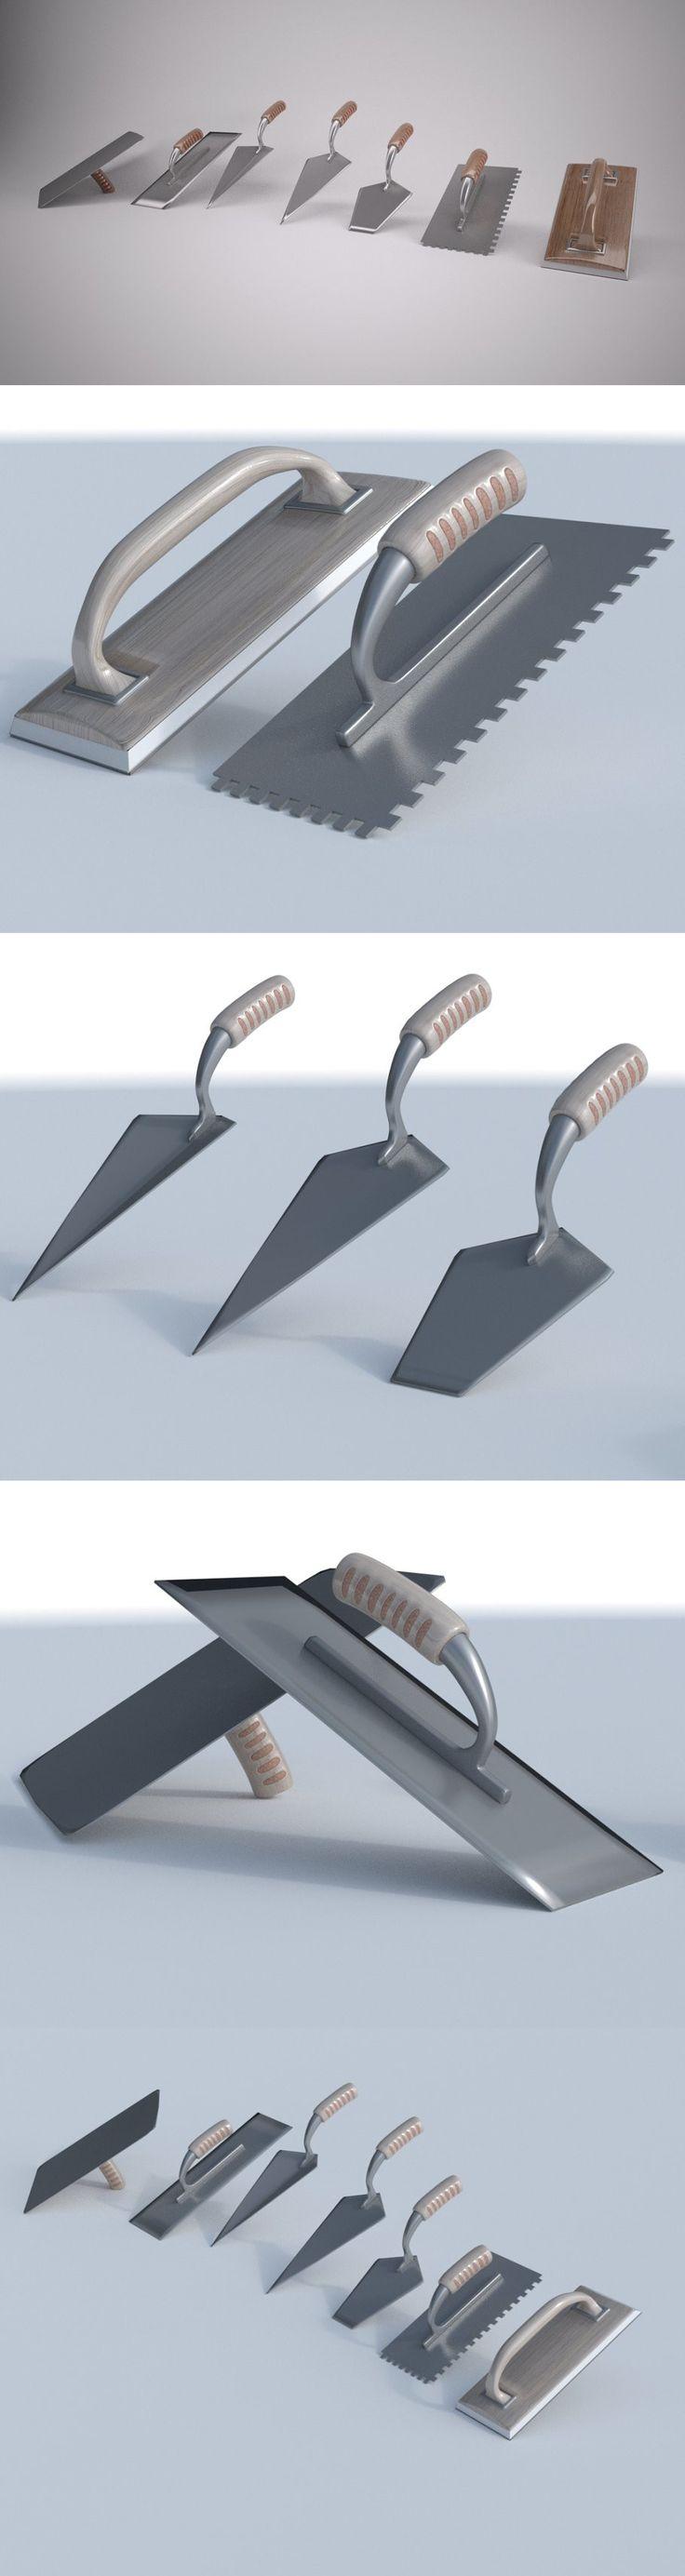 Motar & Plastering Tools